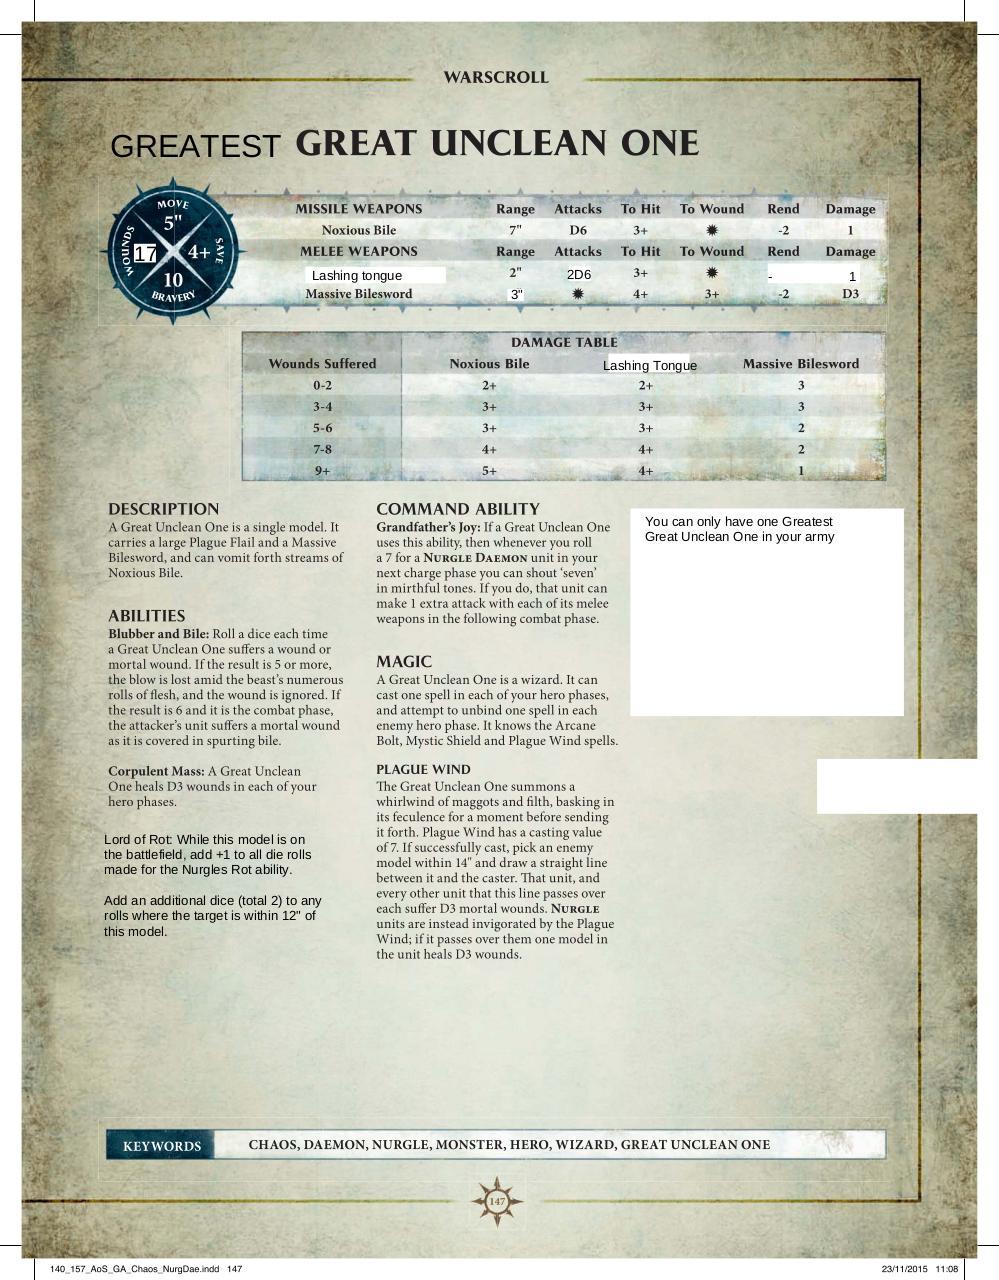 Hebrew document